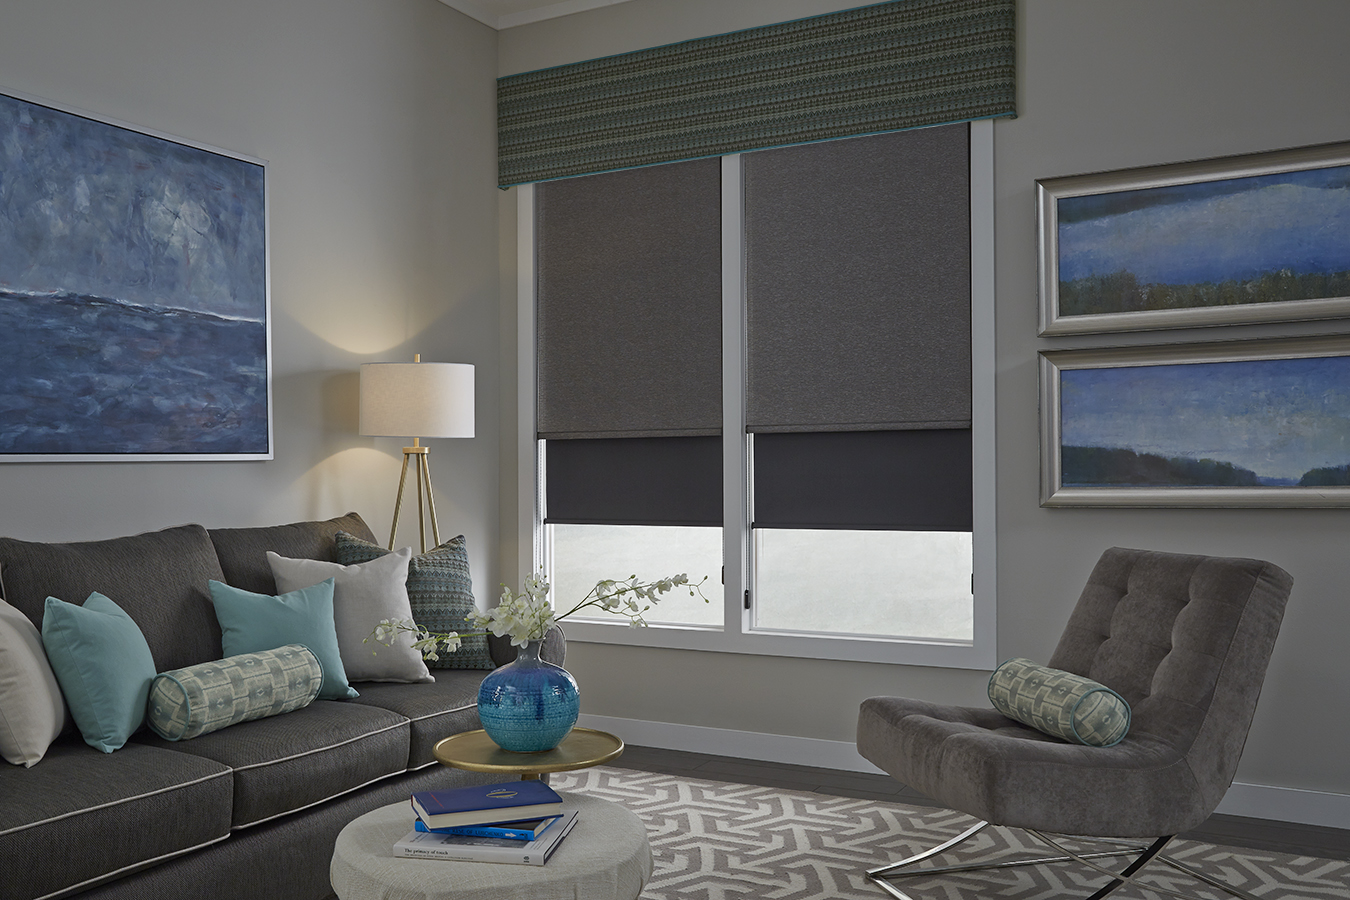 living room dual shades